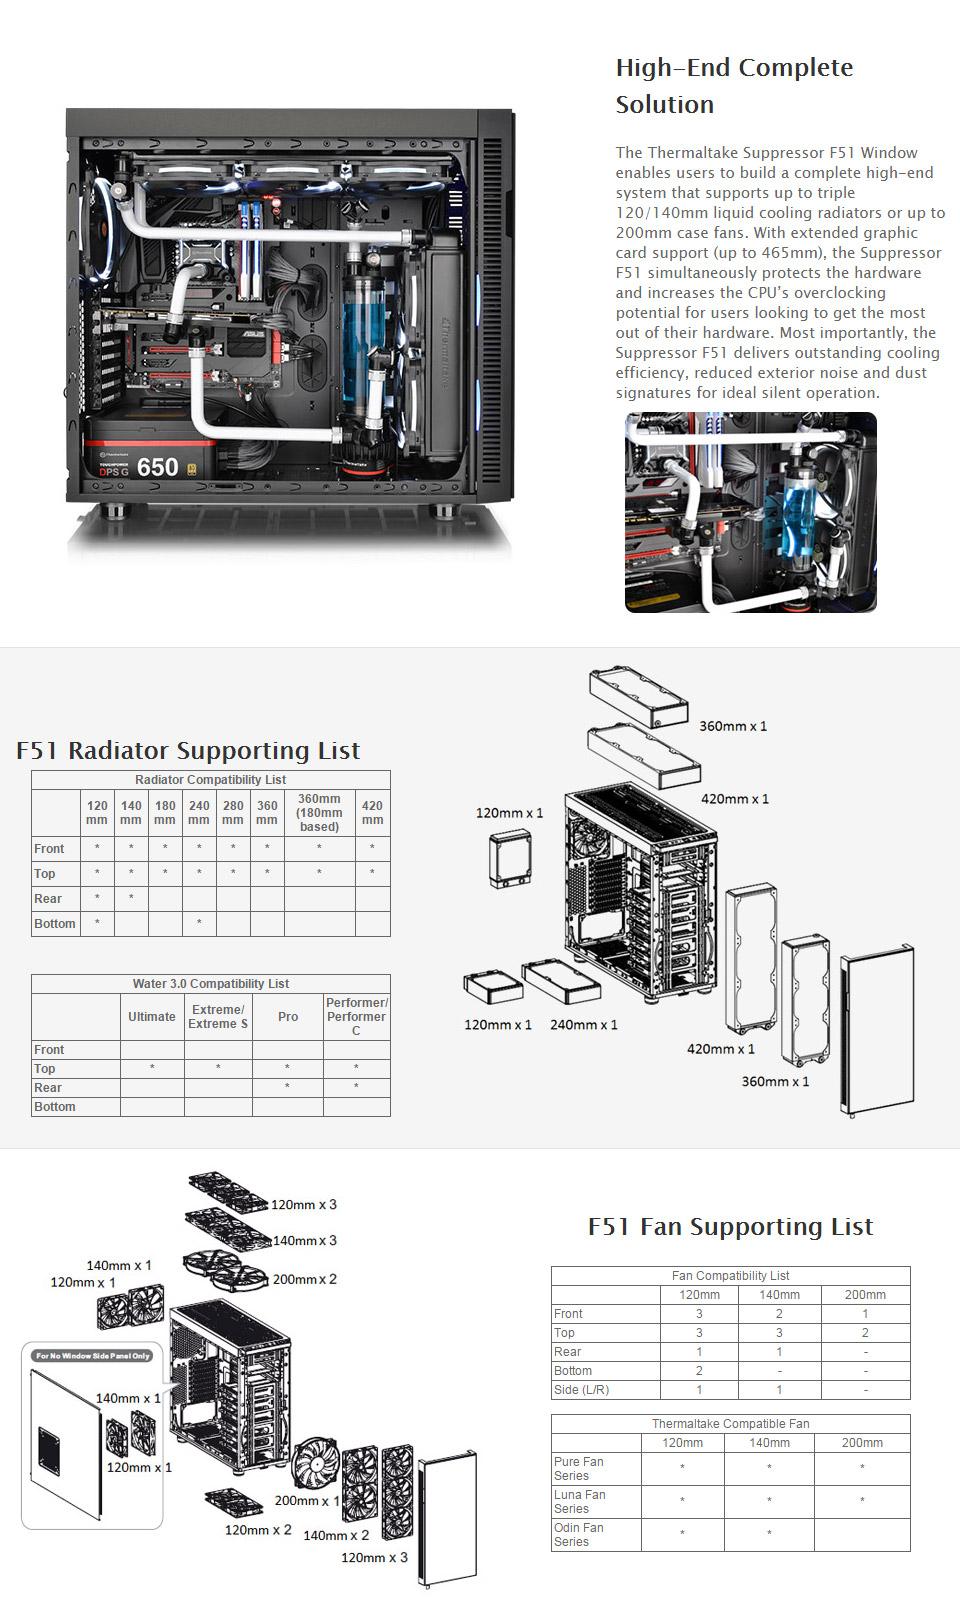 thermaltake suppressor f51 e